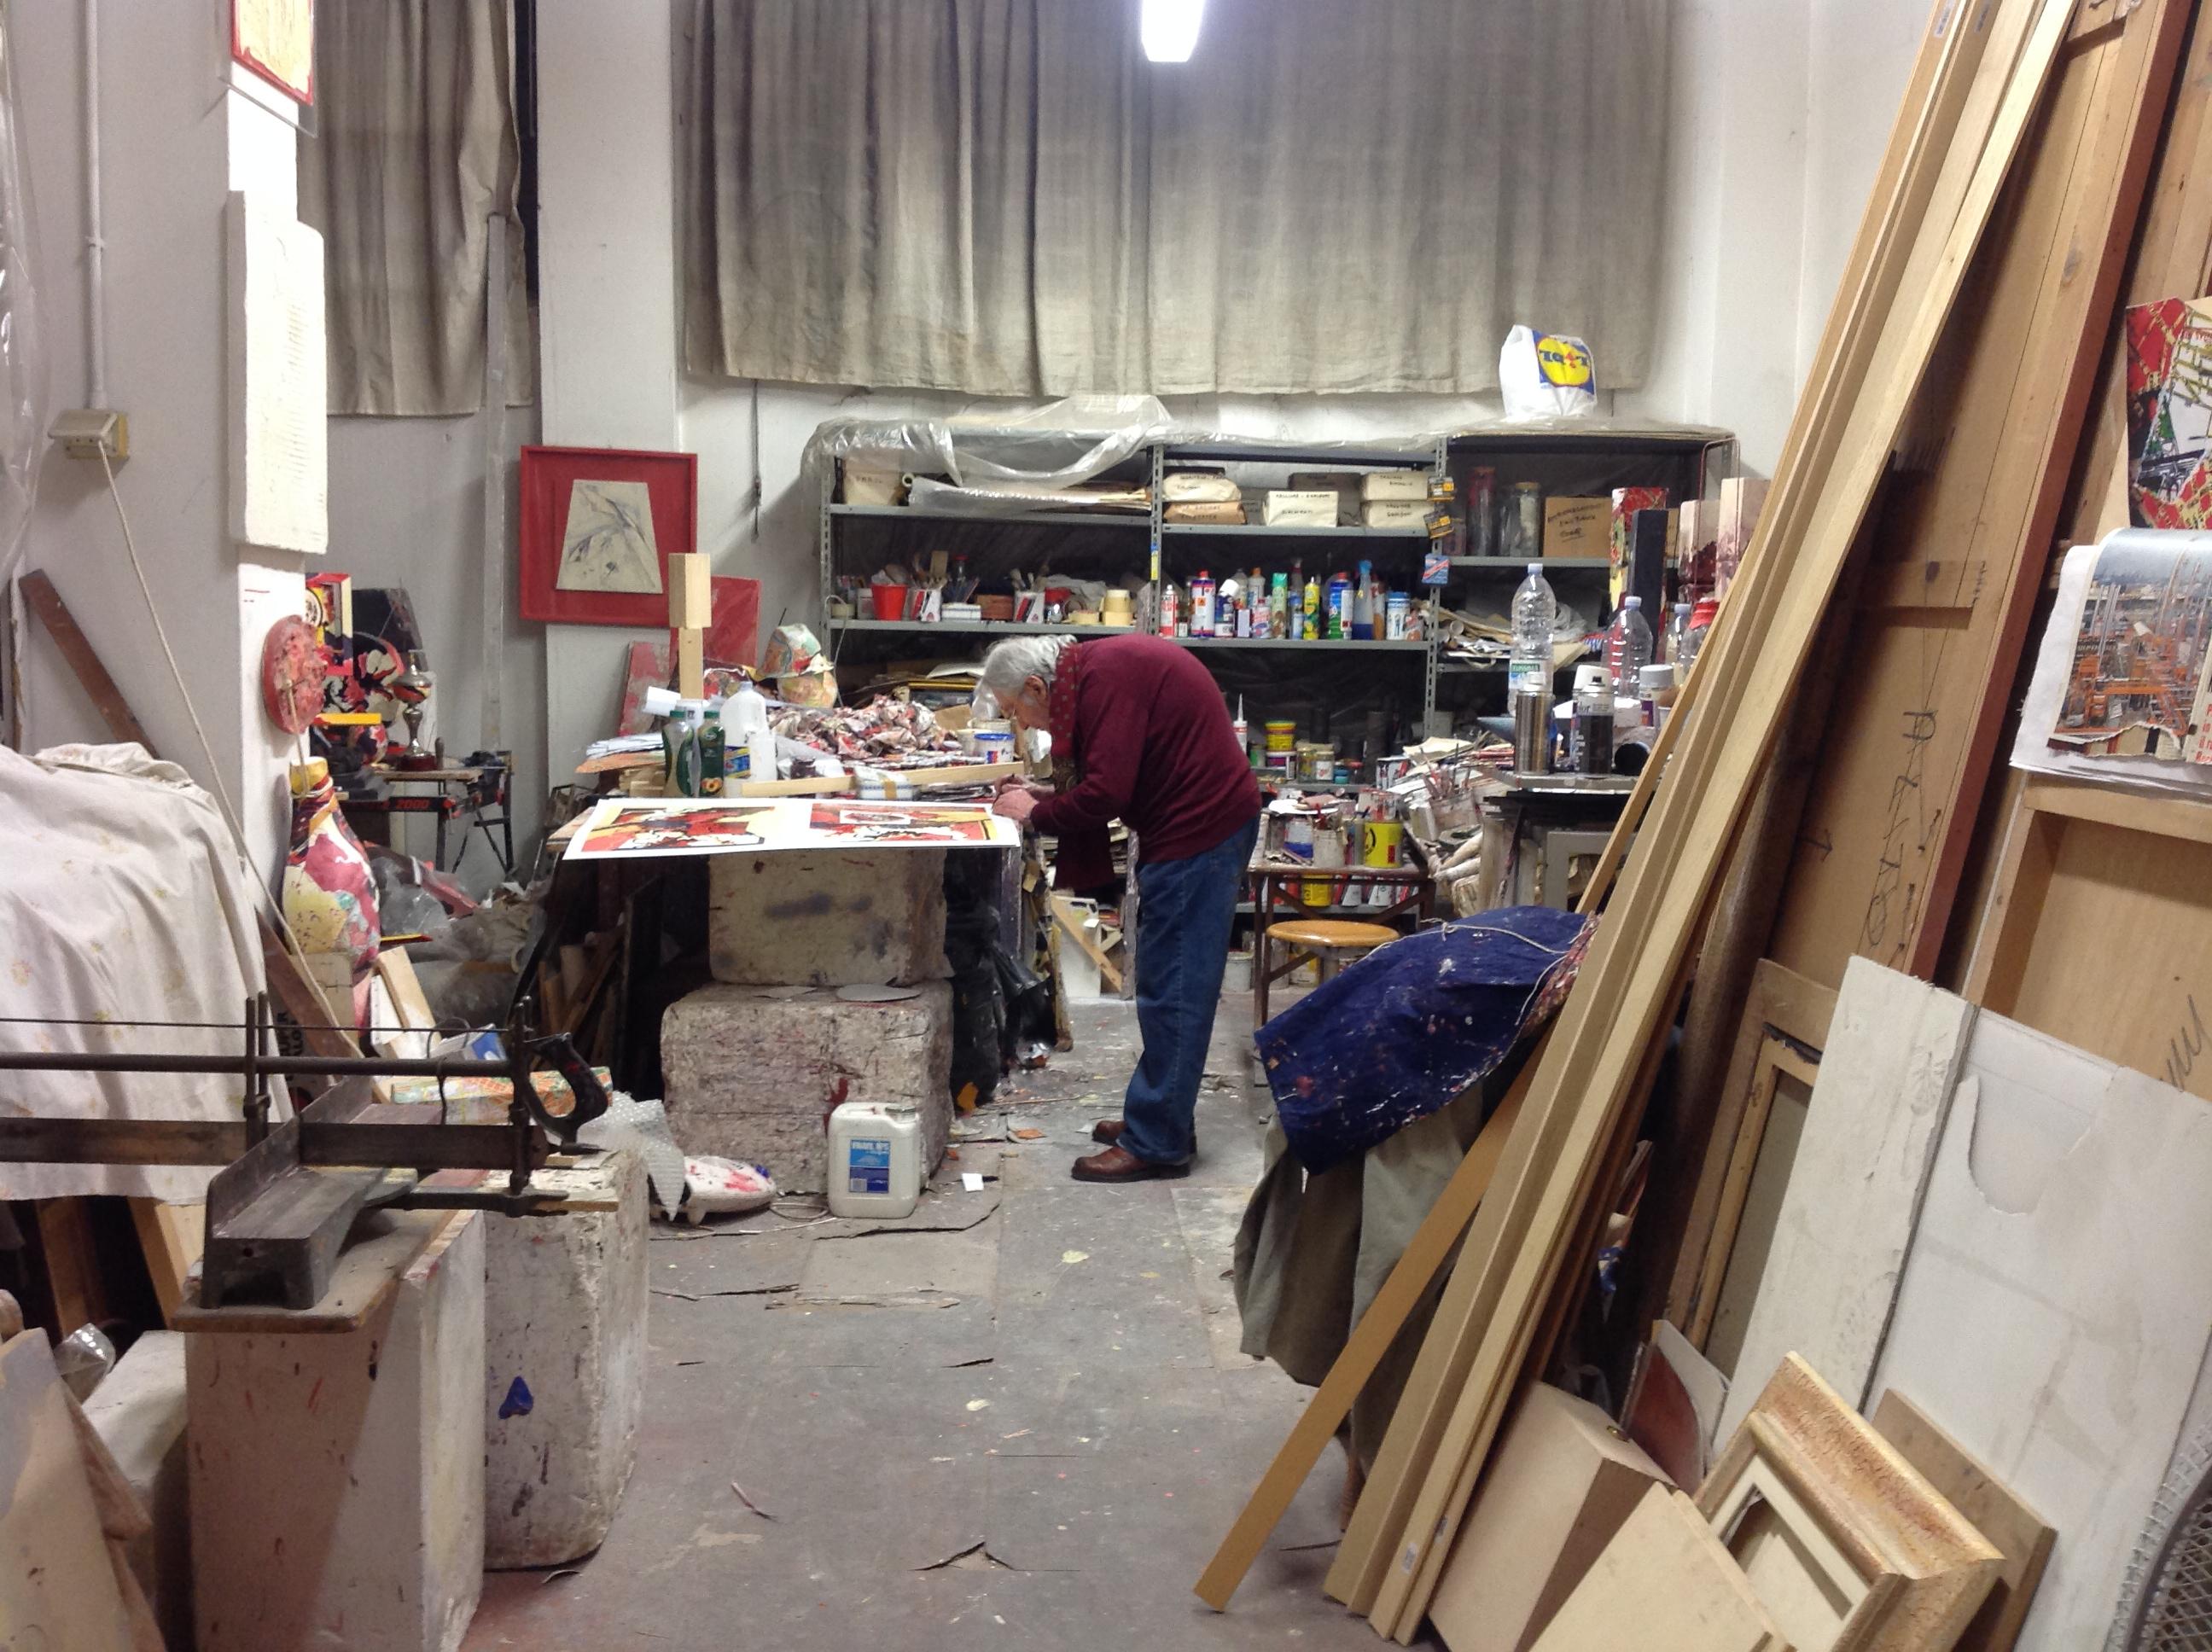 20 12 13 Mario Nanni firma le litografie donate al Progetto Arte nelle Case